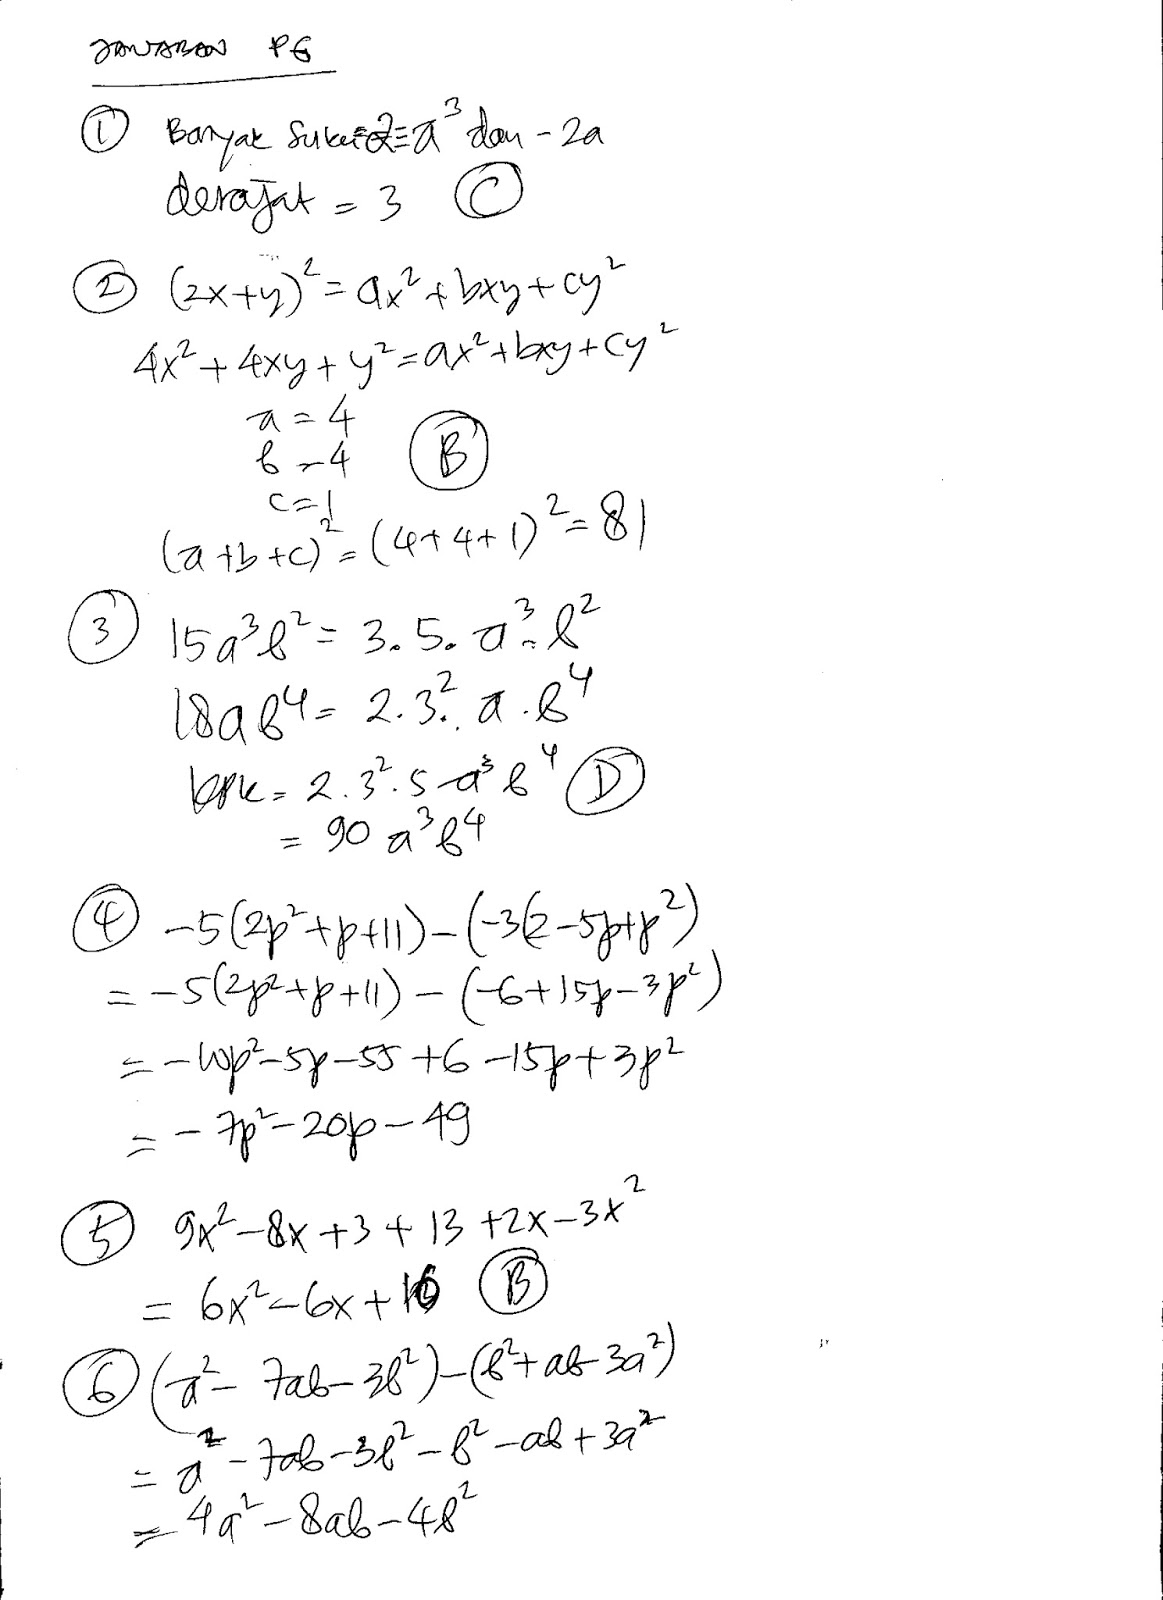 Starbung Jawaban Soal Ulangan Aljabar Kelas 7 Persiapan Remidial